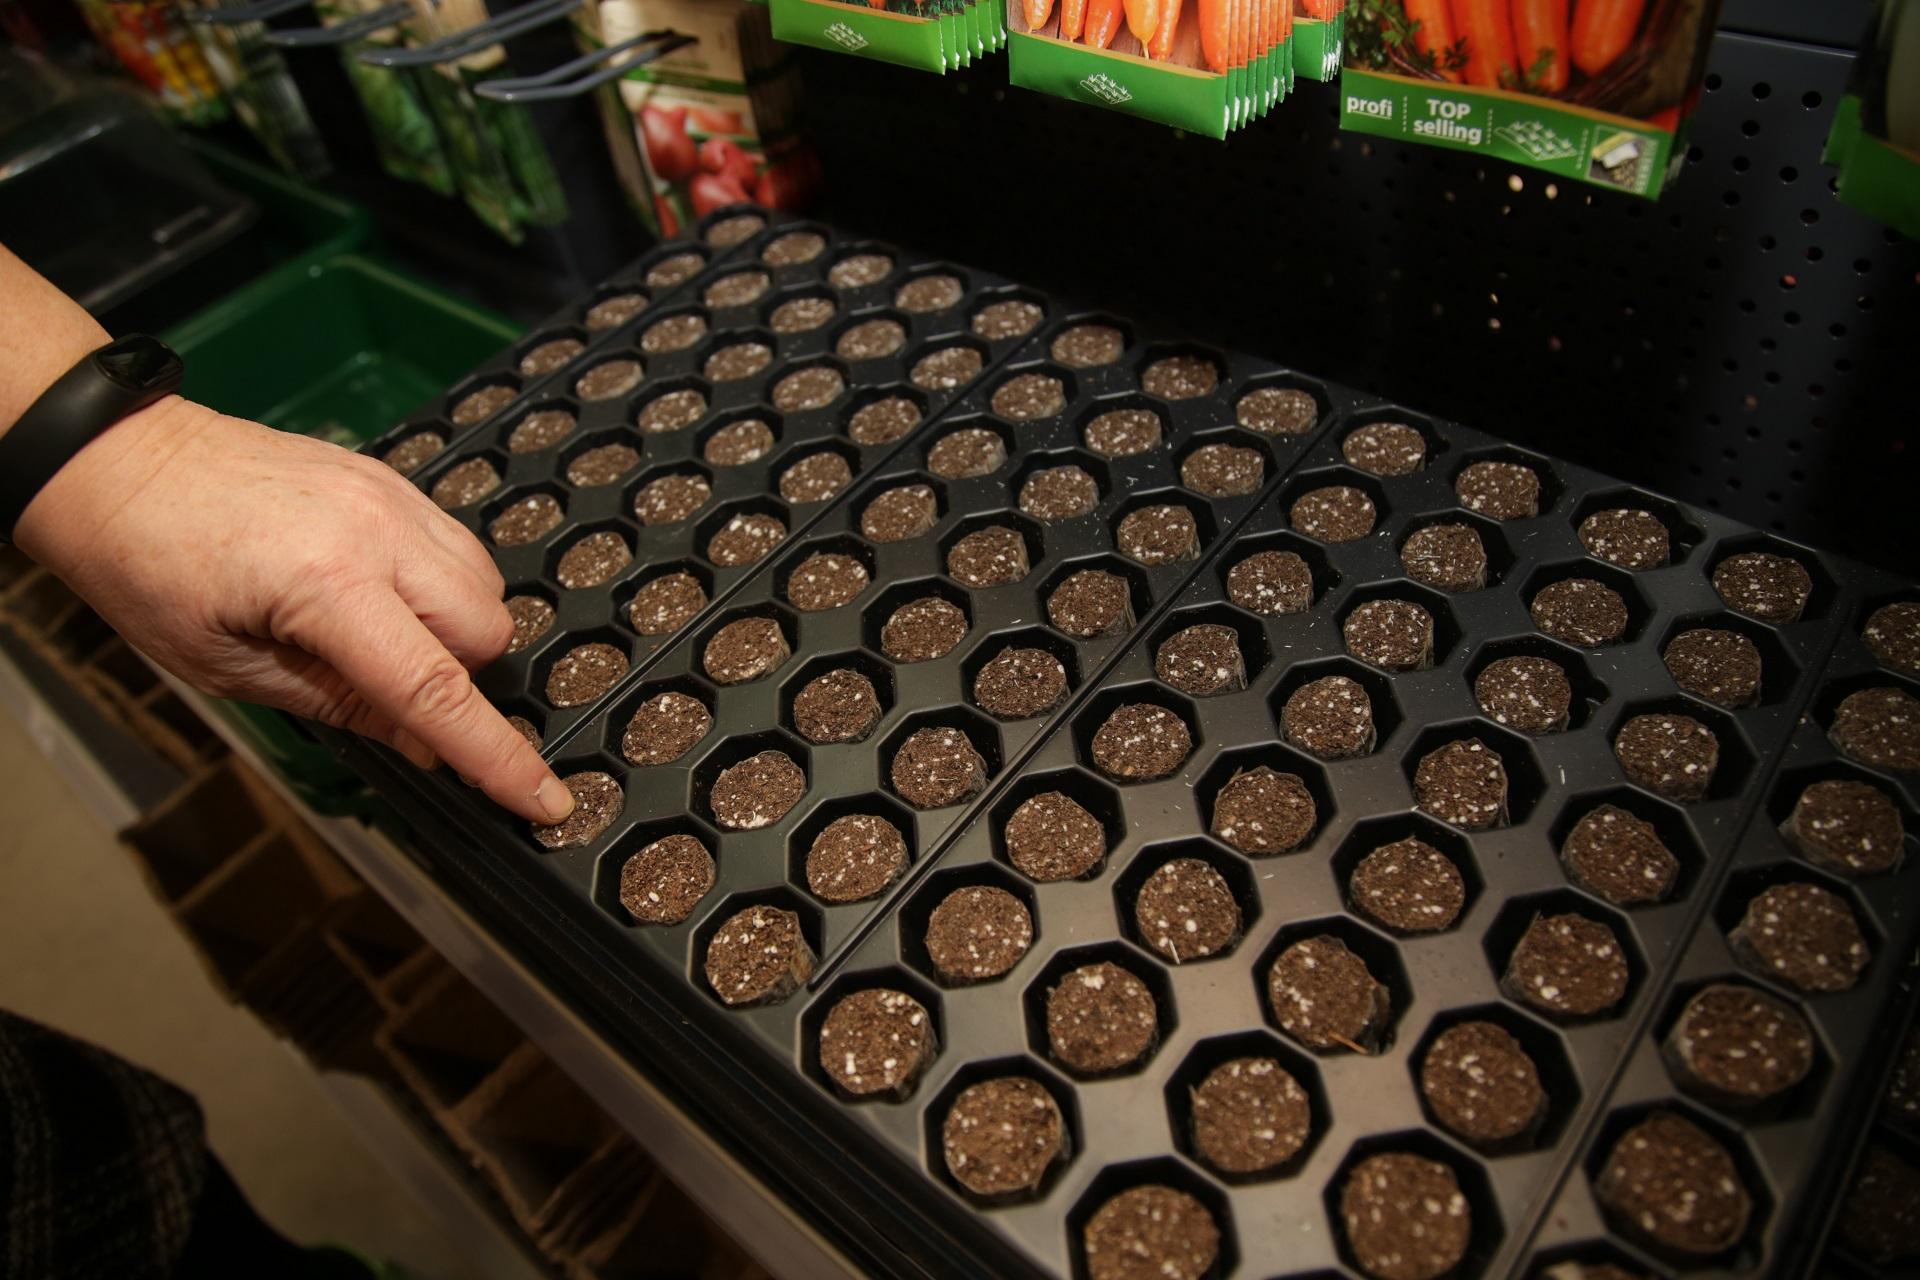 Norintys išauginti paprikas, pomidorus ar baklažanus nuo sėklytės, turėtų pasirūpinti specialiomis daigyklomis – jose augaliukai ramiai augs, laukdami, kada bus persodinti. G. Minelgaitės-Dautorės nuotr.